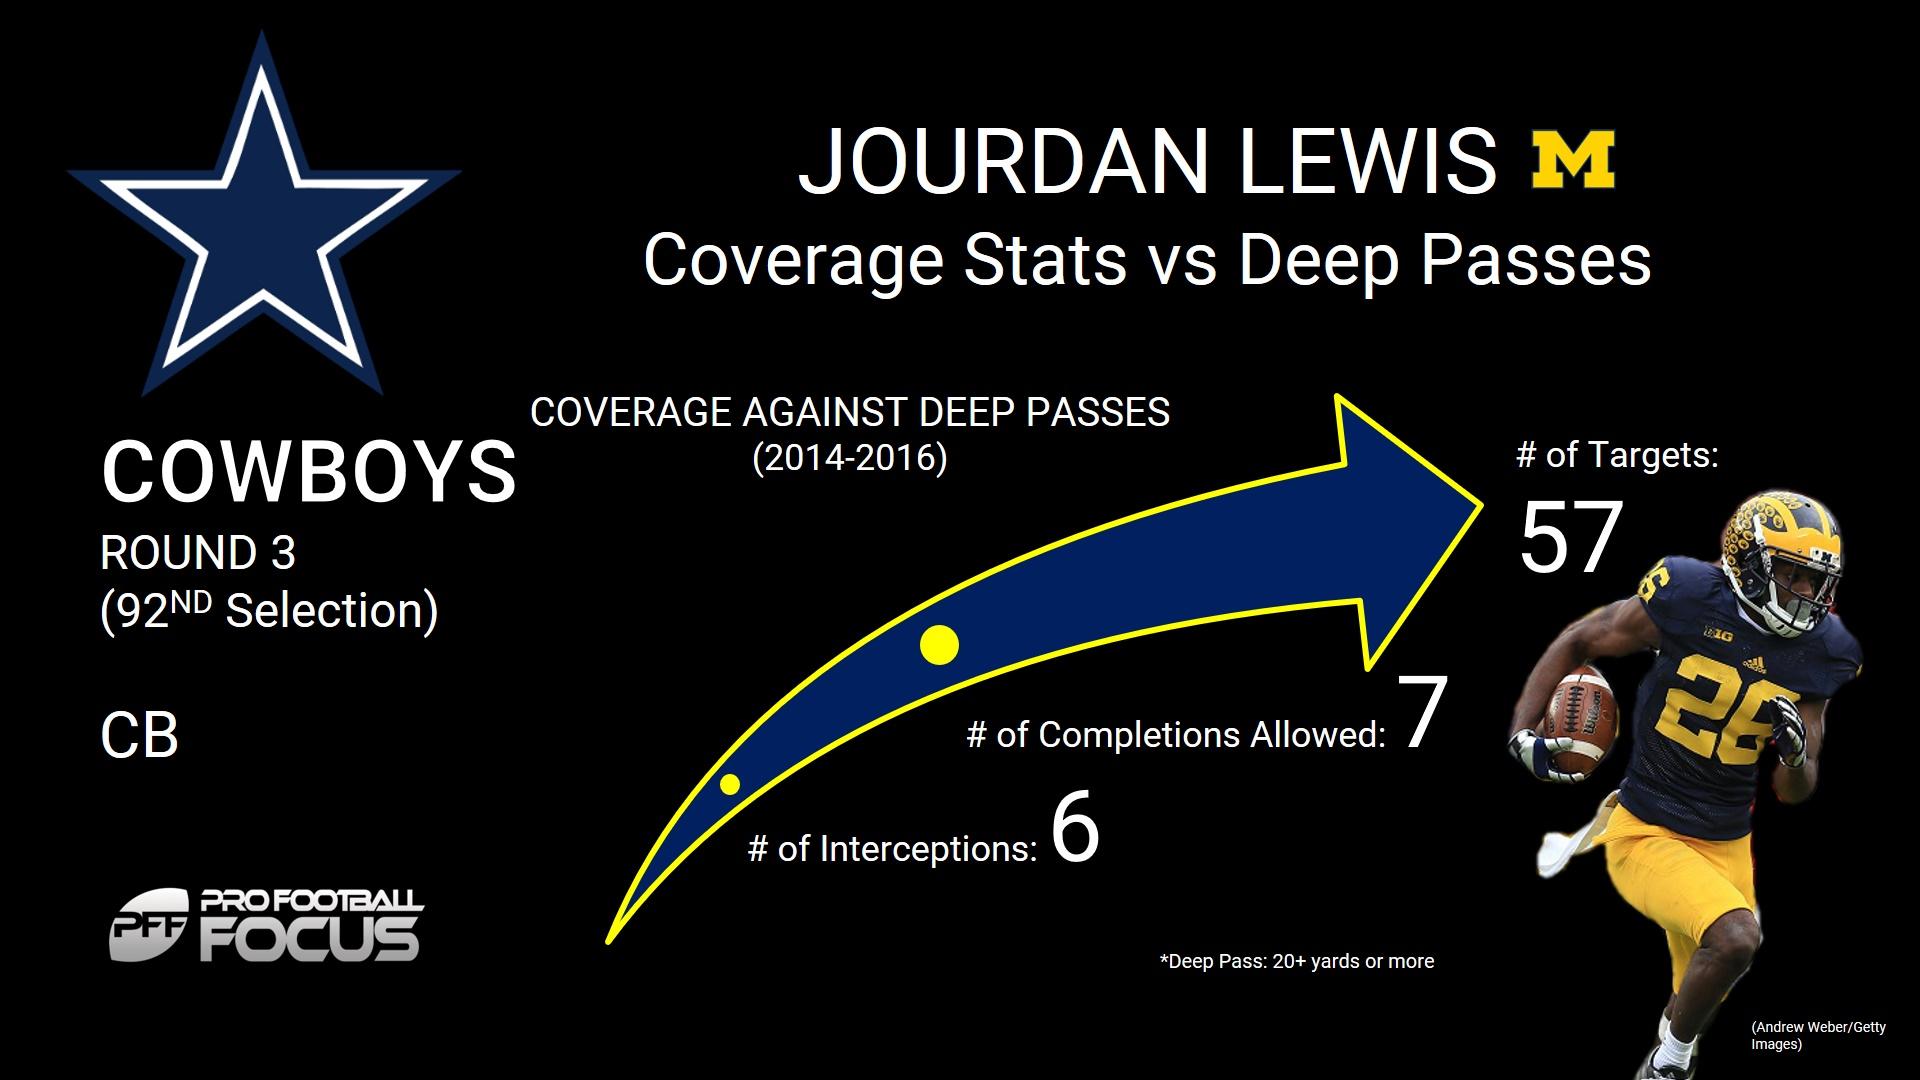 Jourdan Lewis